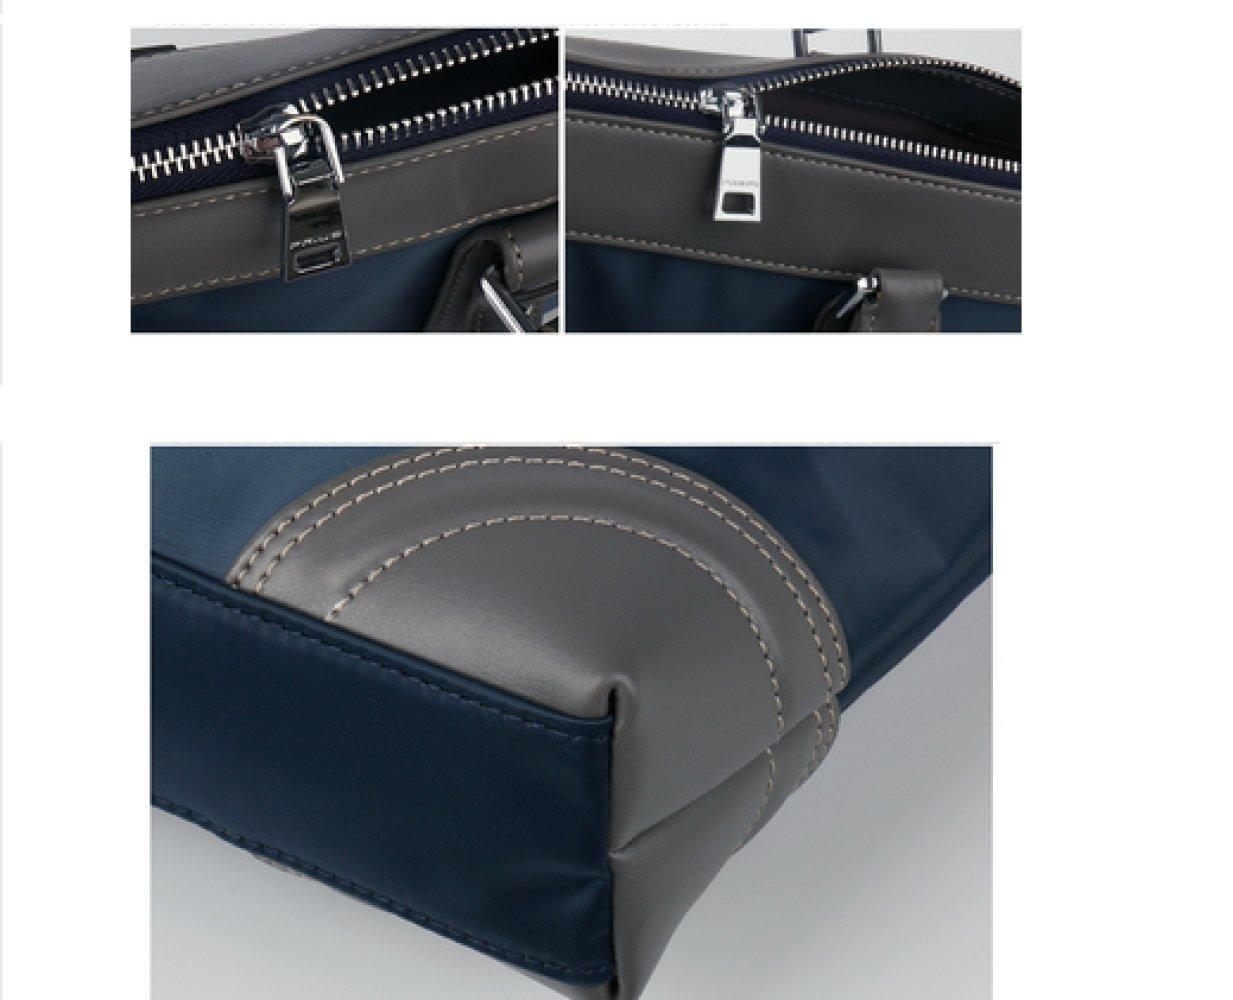 British Style Casual Men's Bag Waterproof Oxford Cloth Handbag Briefcase Shoulder Messenger Bag,Black-L by NUGJHJT (Image #7)